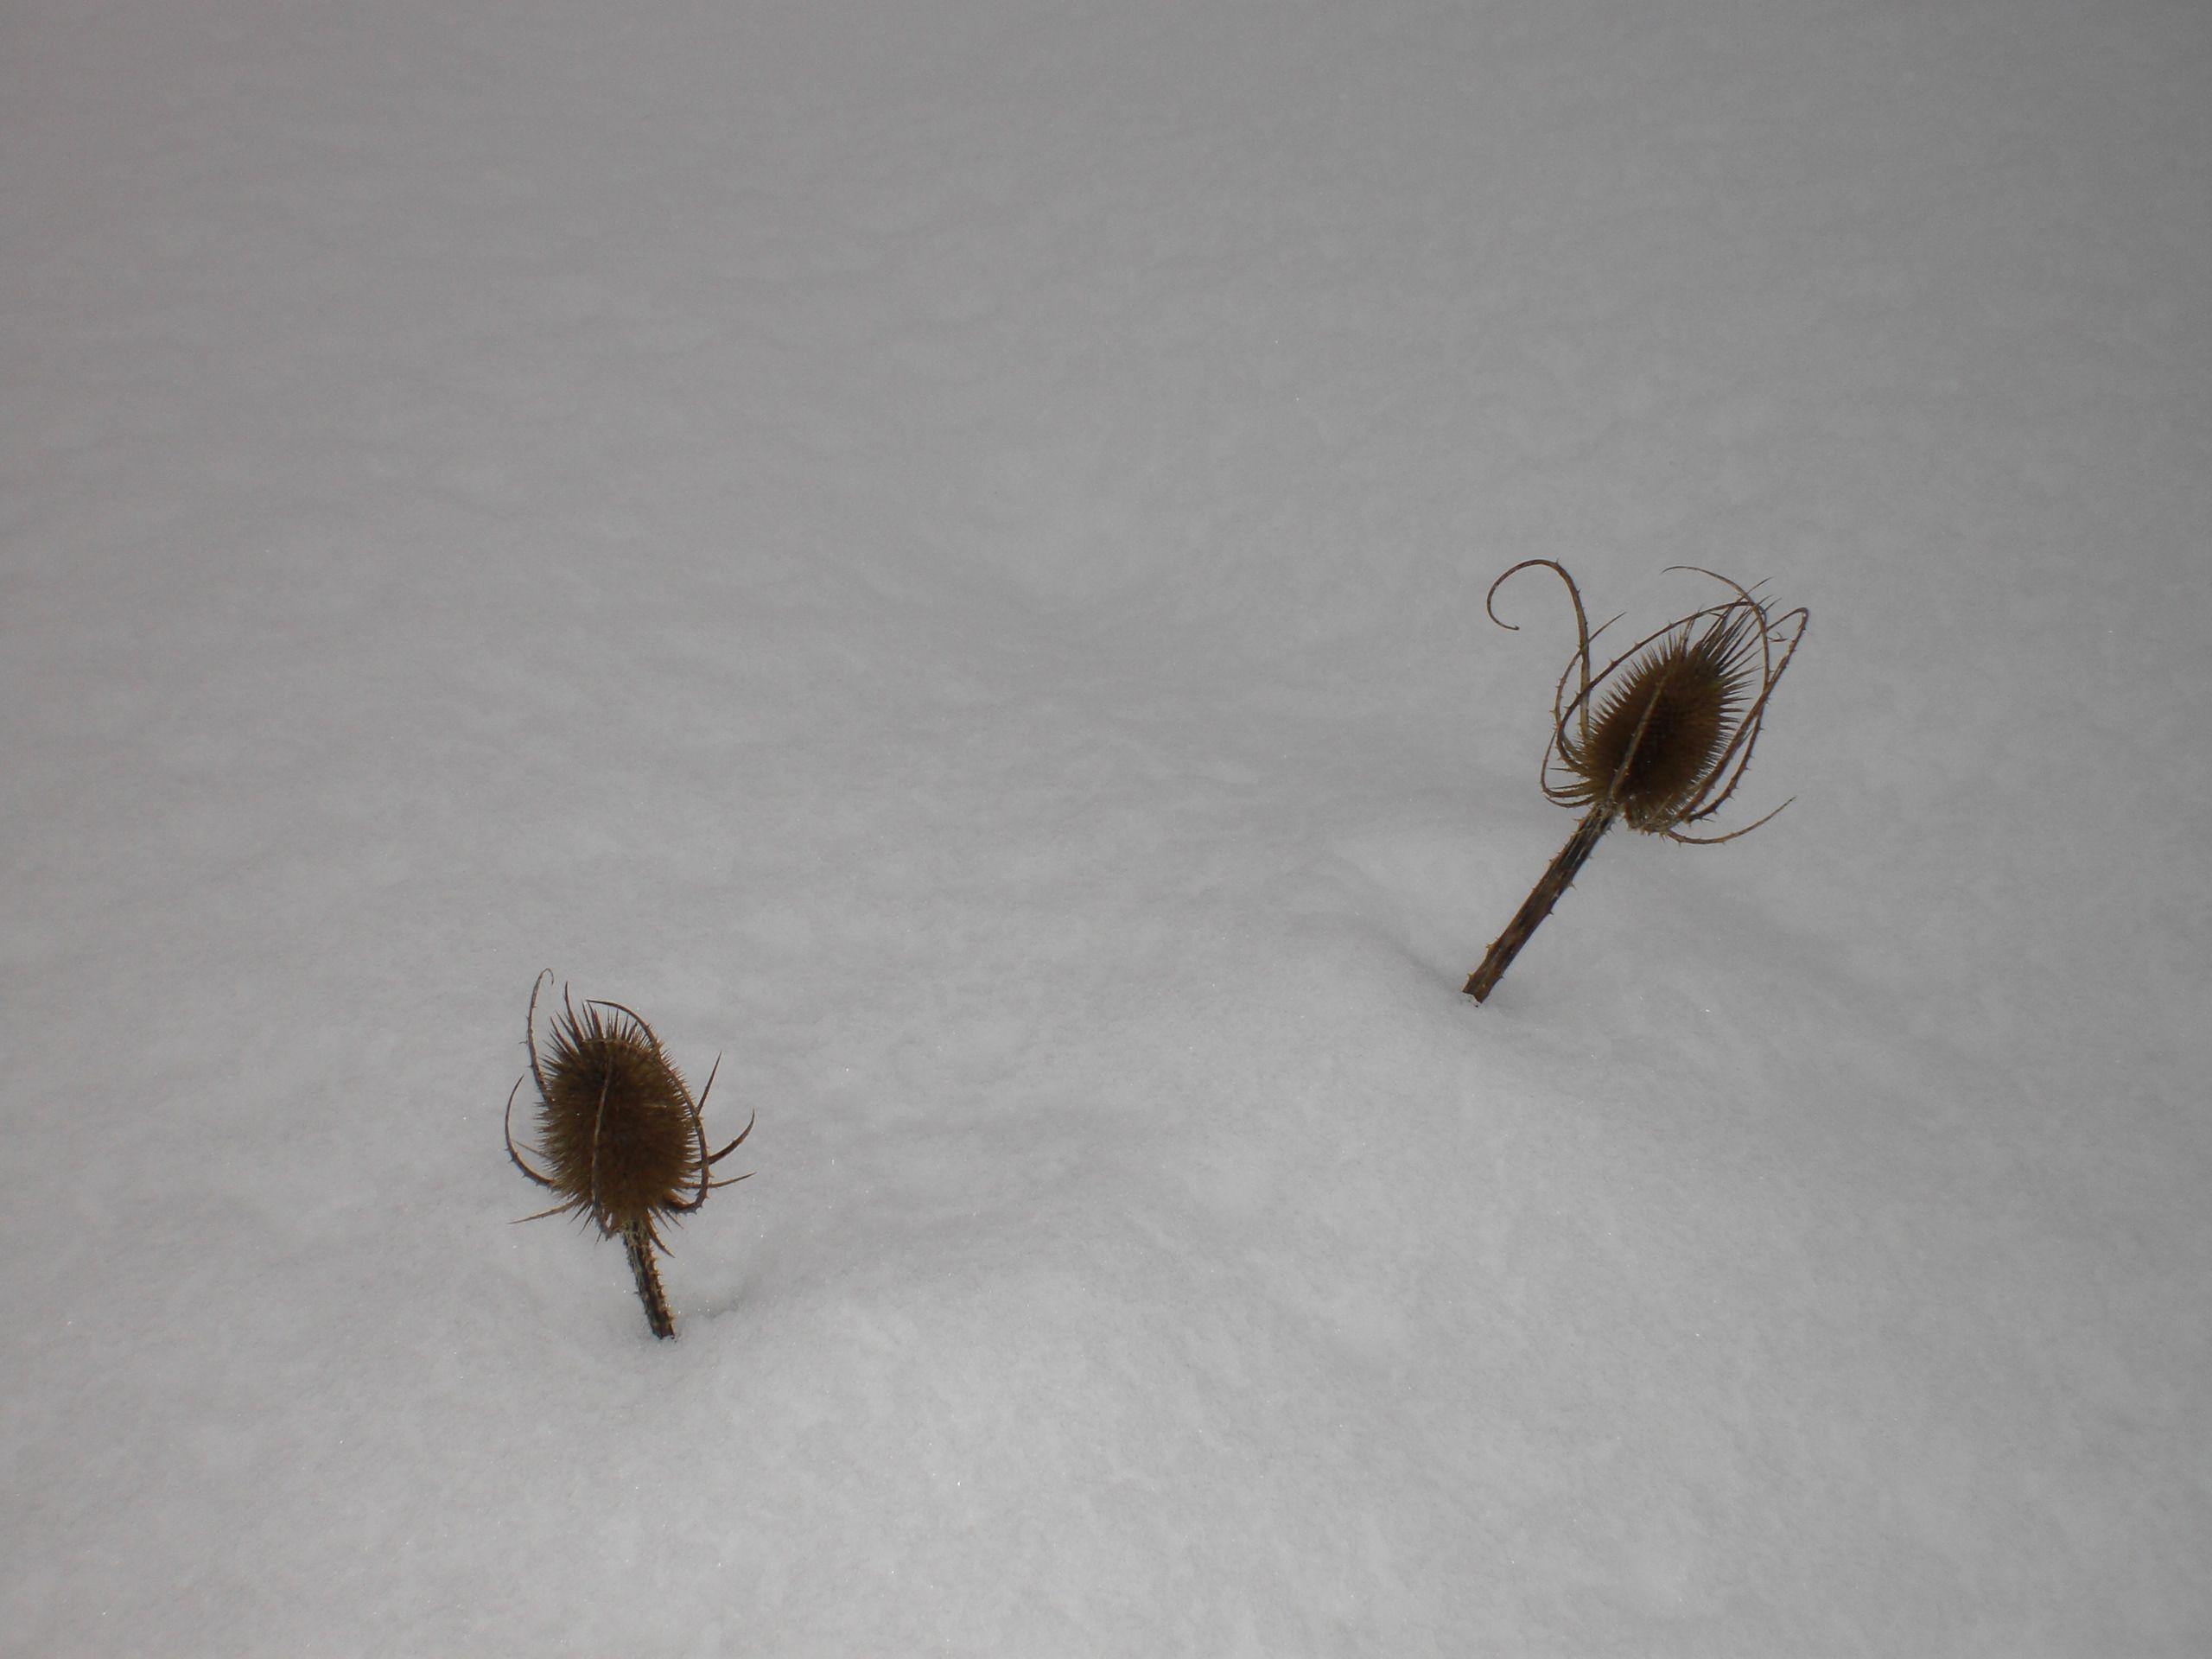 Cardos asomando sus cabezas durante una gran nevada